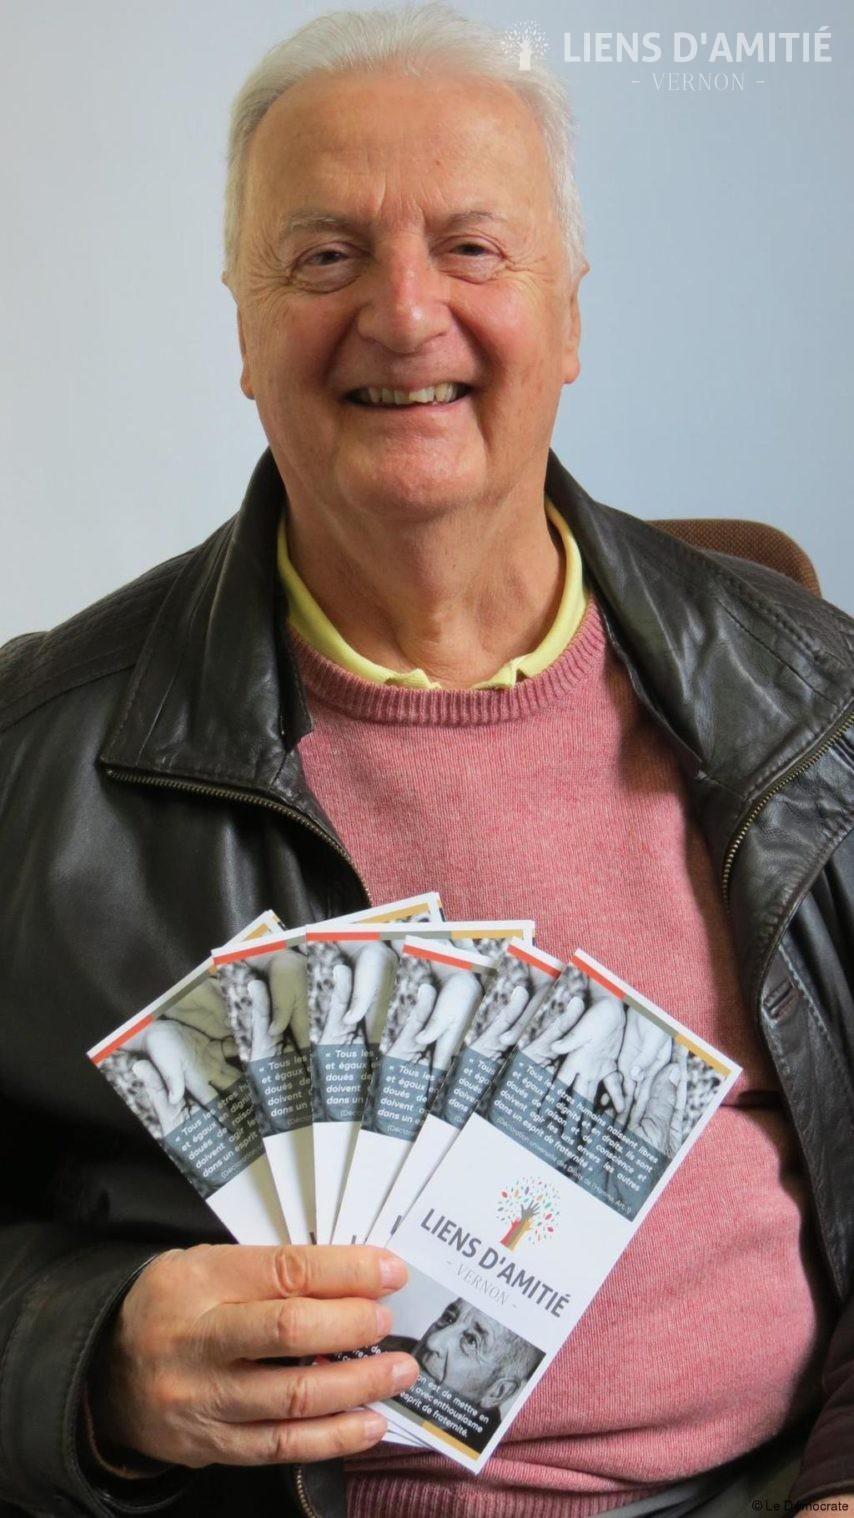 Bertrand Vanhoutte, Vernonnais de 75 ans, est le président de cette association.